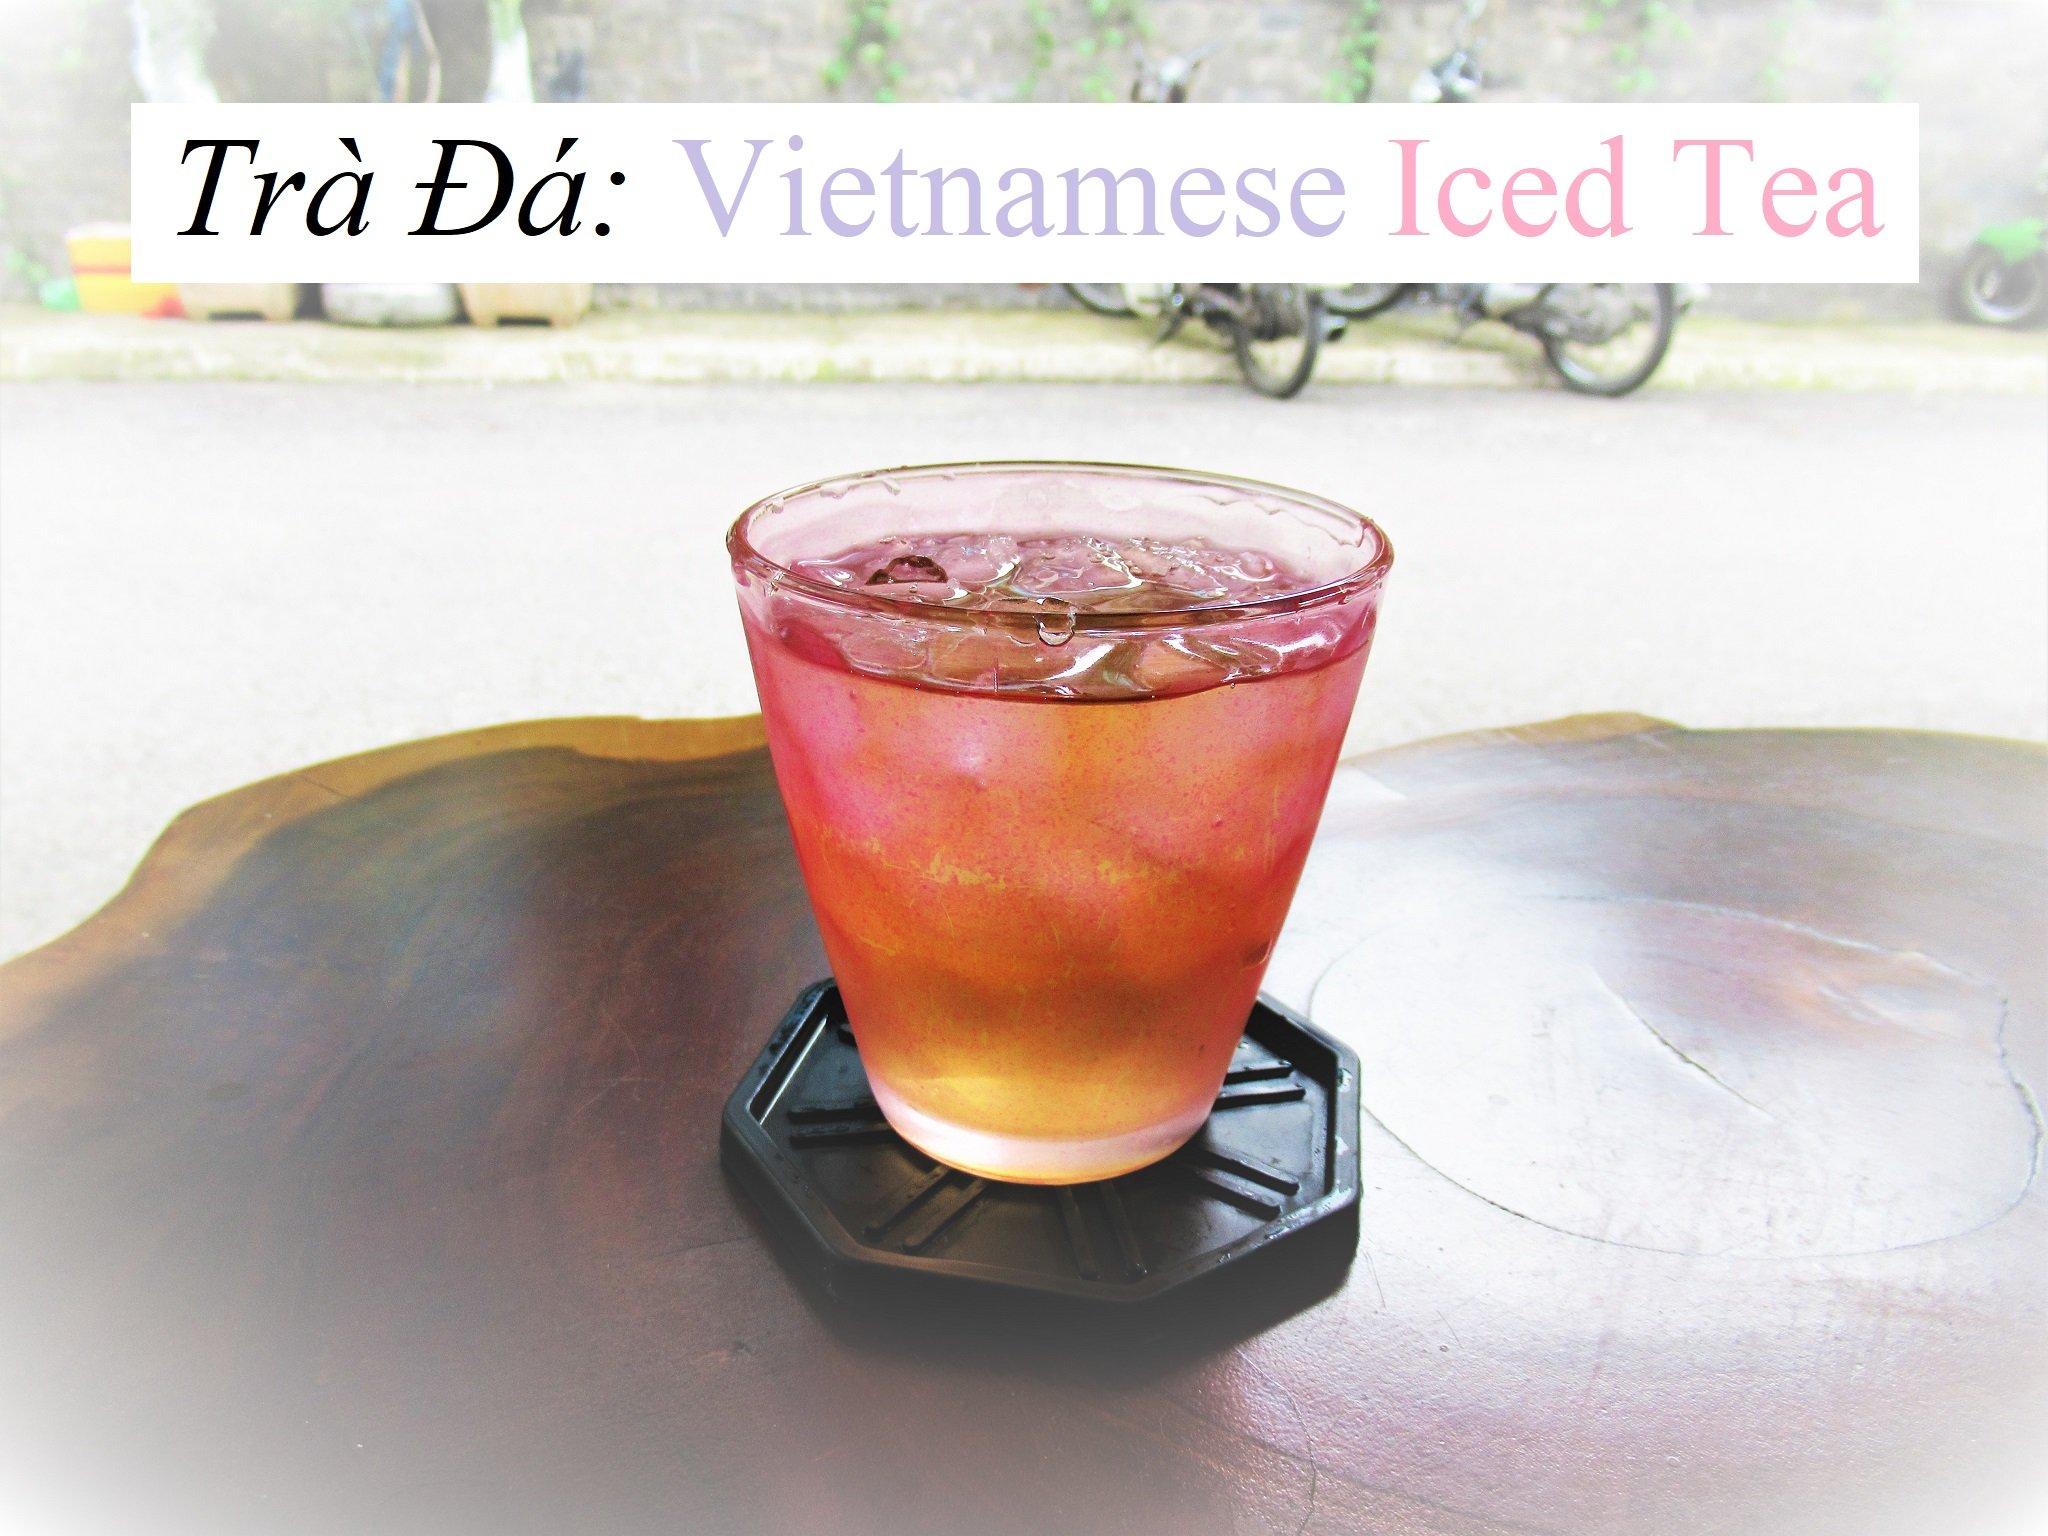 Trà Đá: Vietnamese Iced Tea